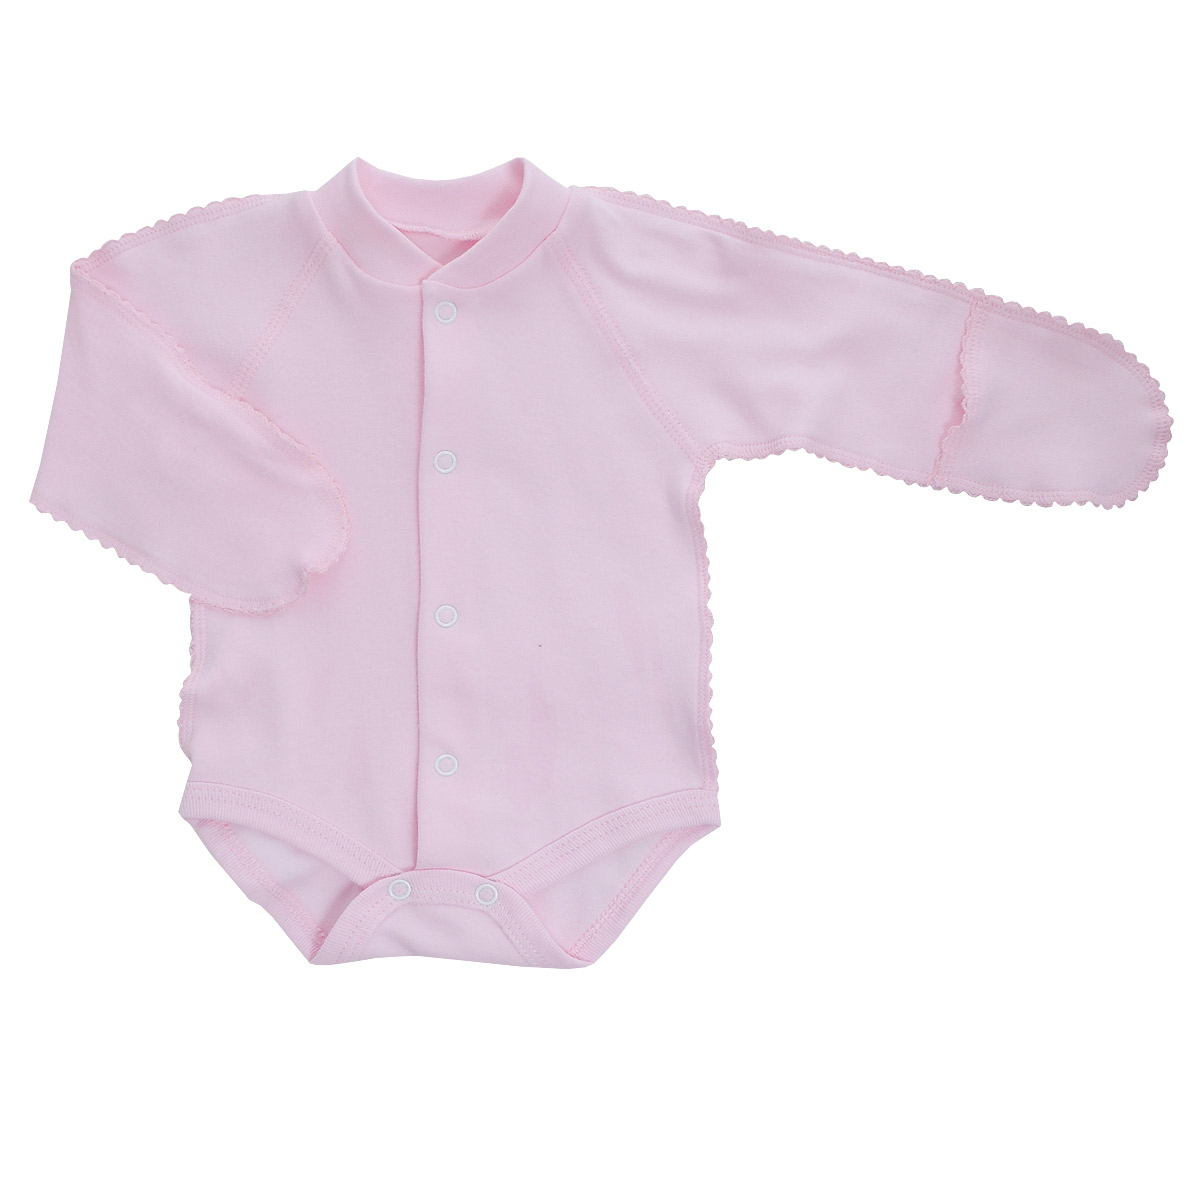 Боди детское Фреш стайл, цвет: розовый. 37-329. Размер 62-20, 3 месяца боди детское hudson baby hudson baby боди цыплёнок 3 шт бирюзово розовый